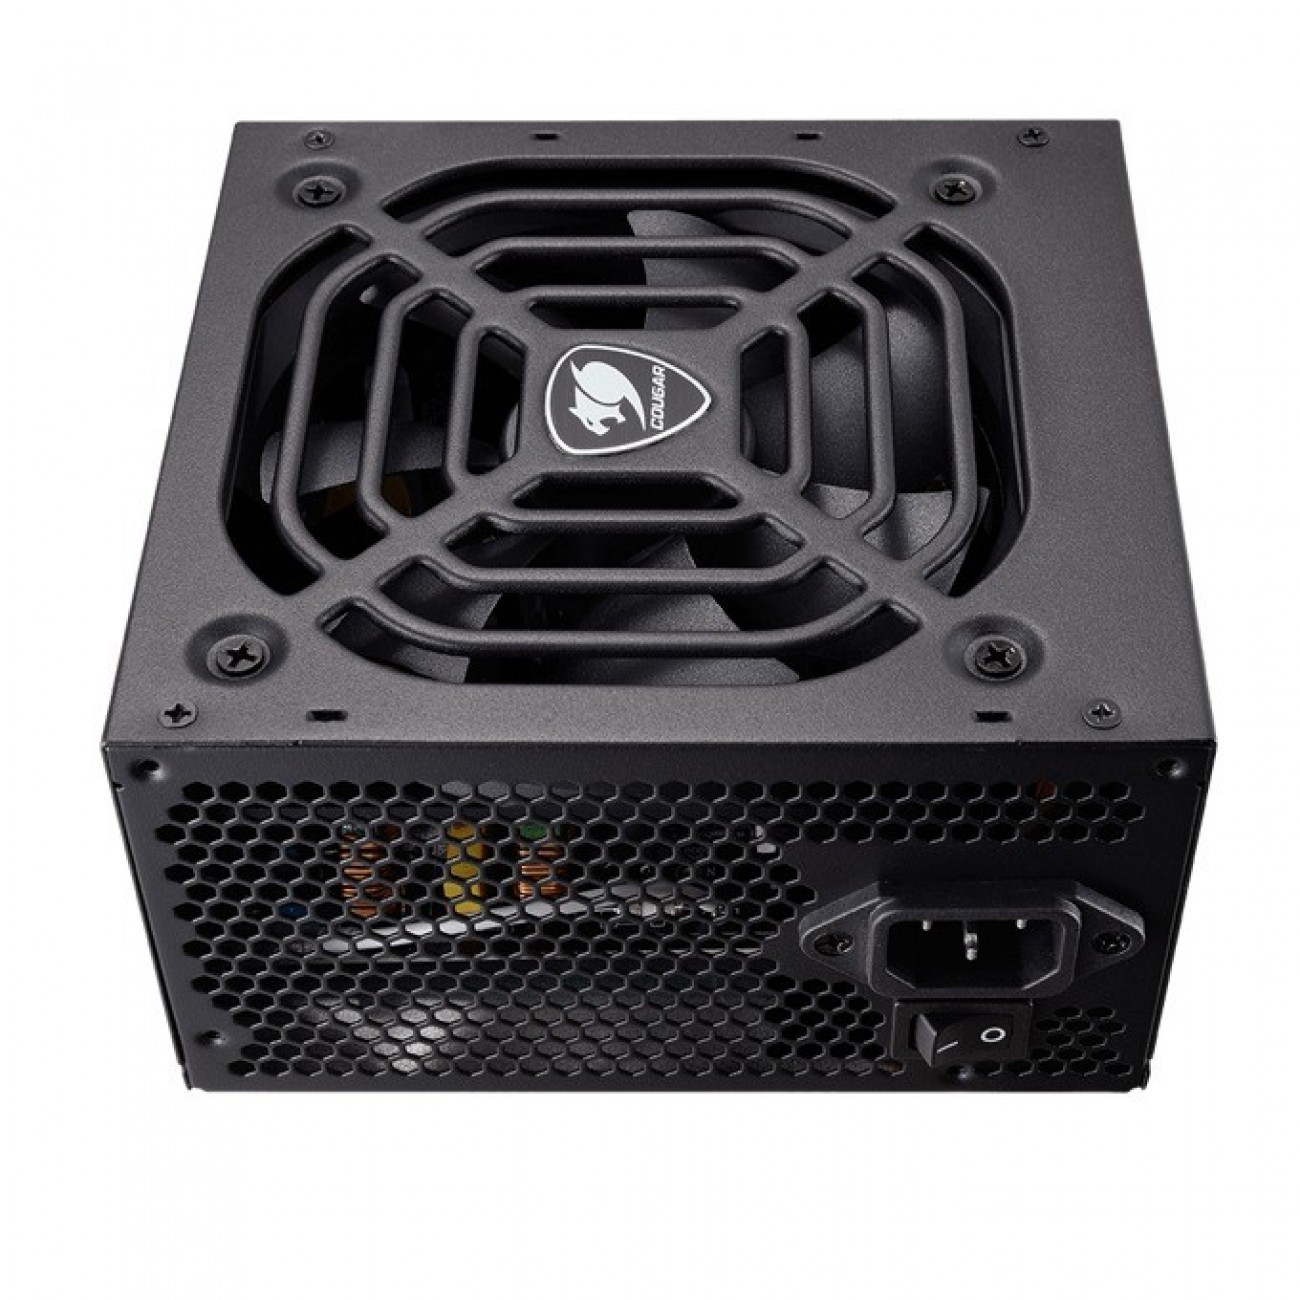 Захранване Cougar Gaming VTE500, 500W, Active PFC, 80+ Bronze, 120мм вентилатор в Захранвания Настолни компютри -  | Alleop